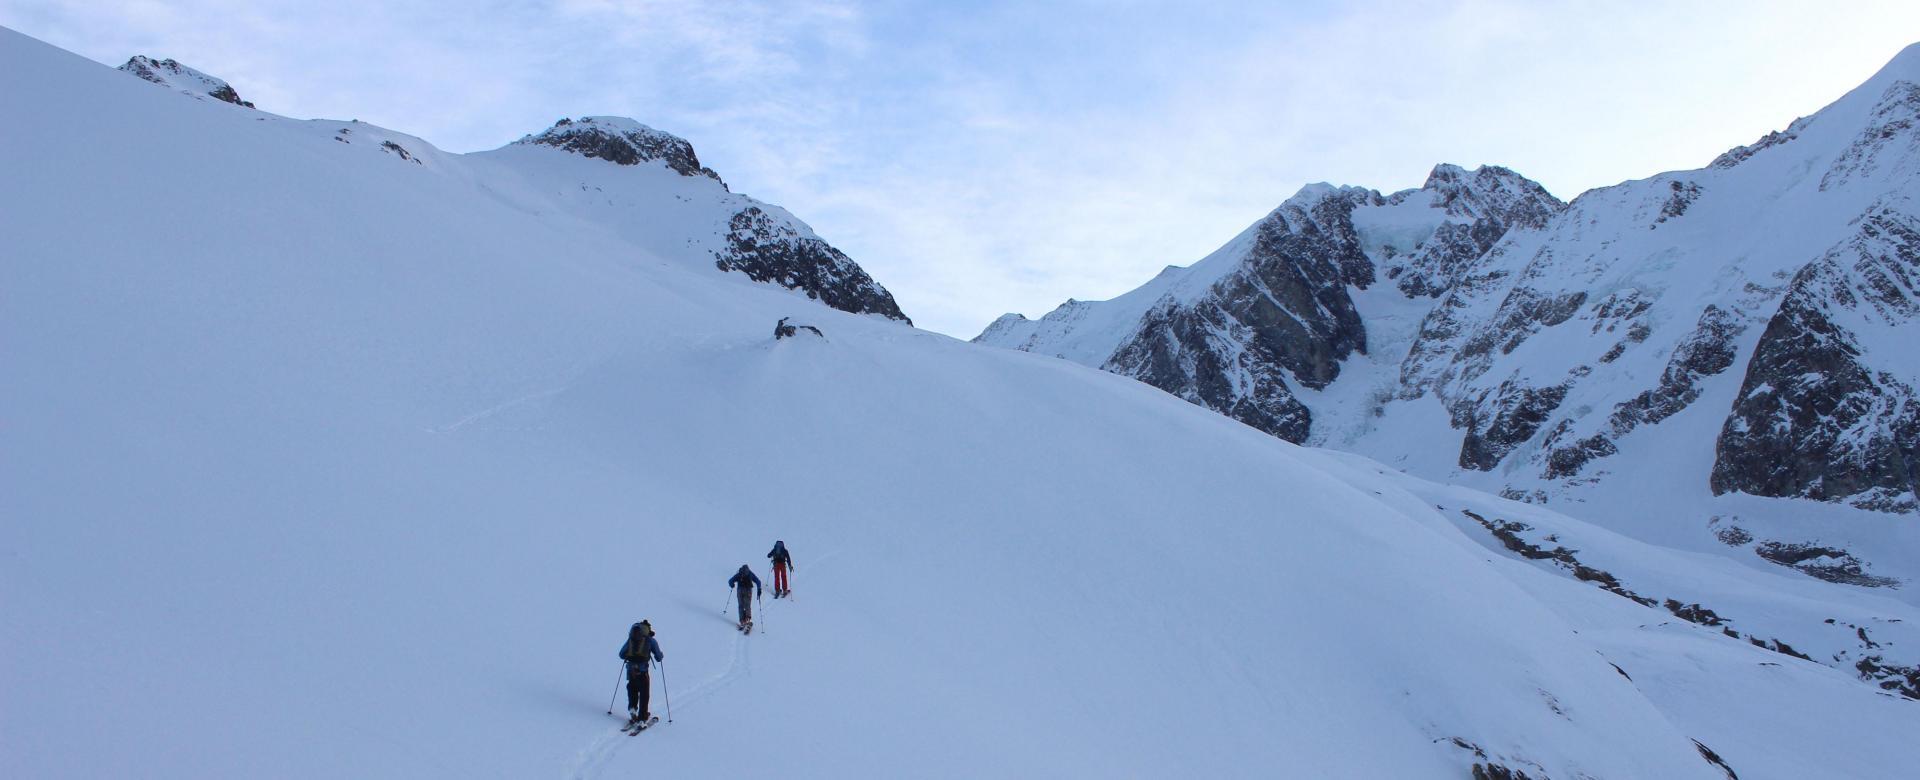 Voyage à la neige : Les dômes de miage